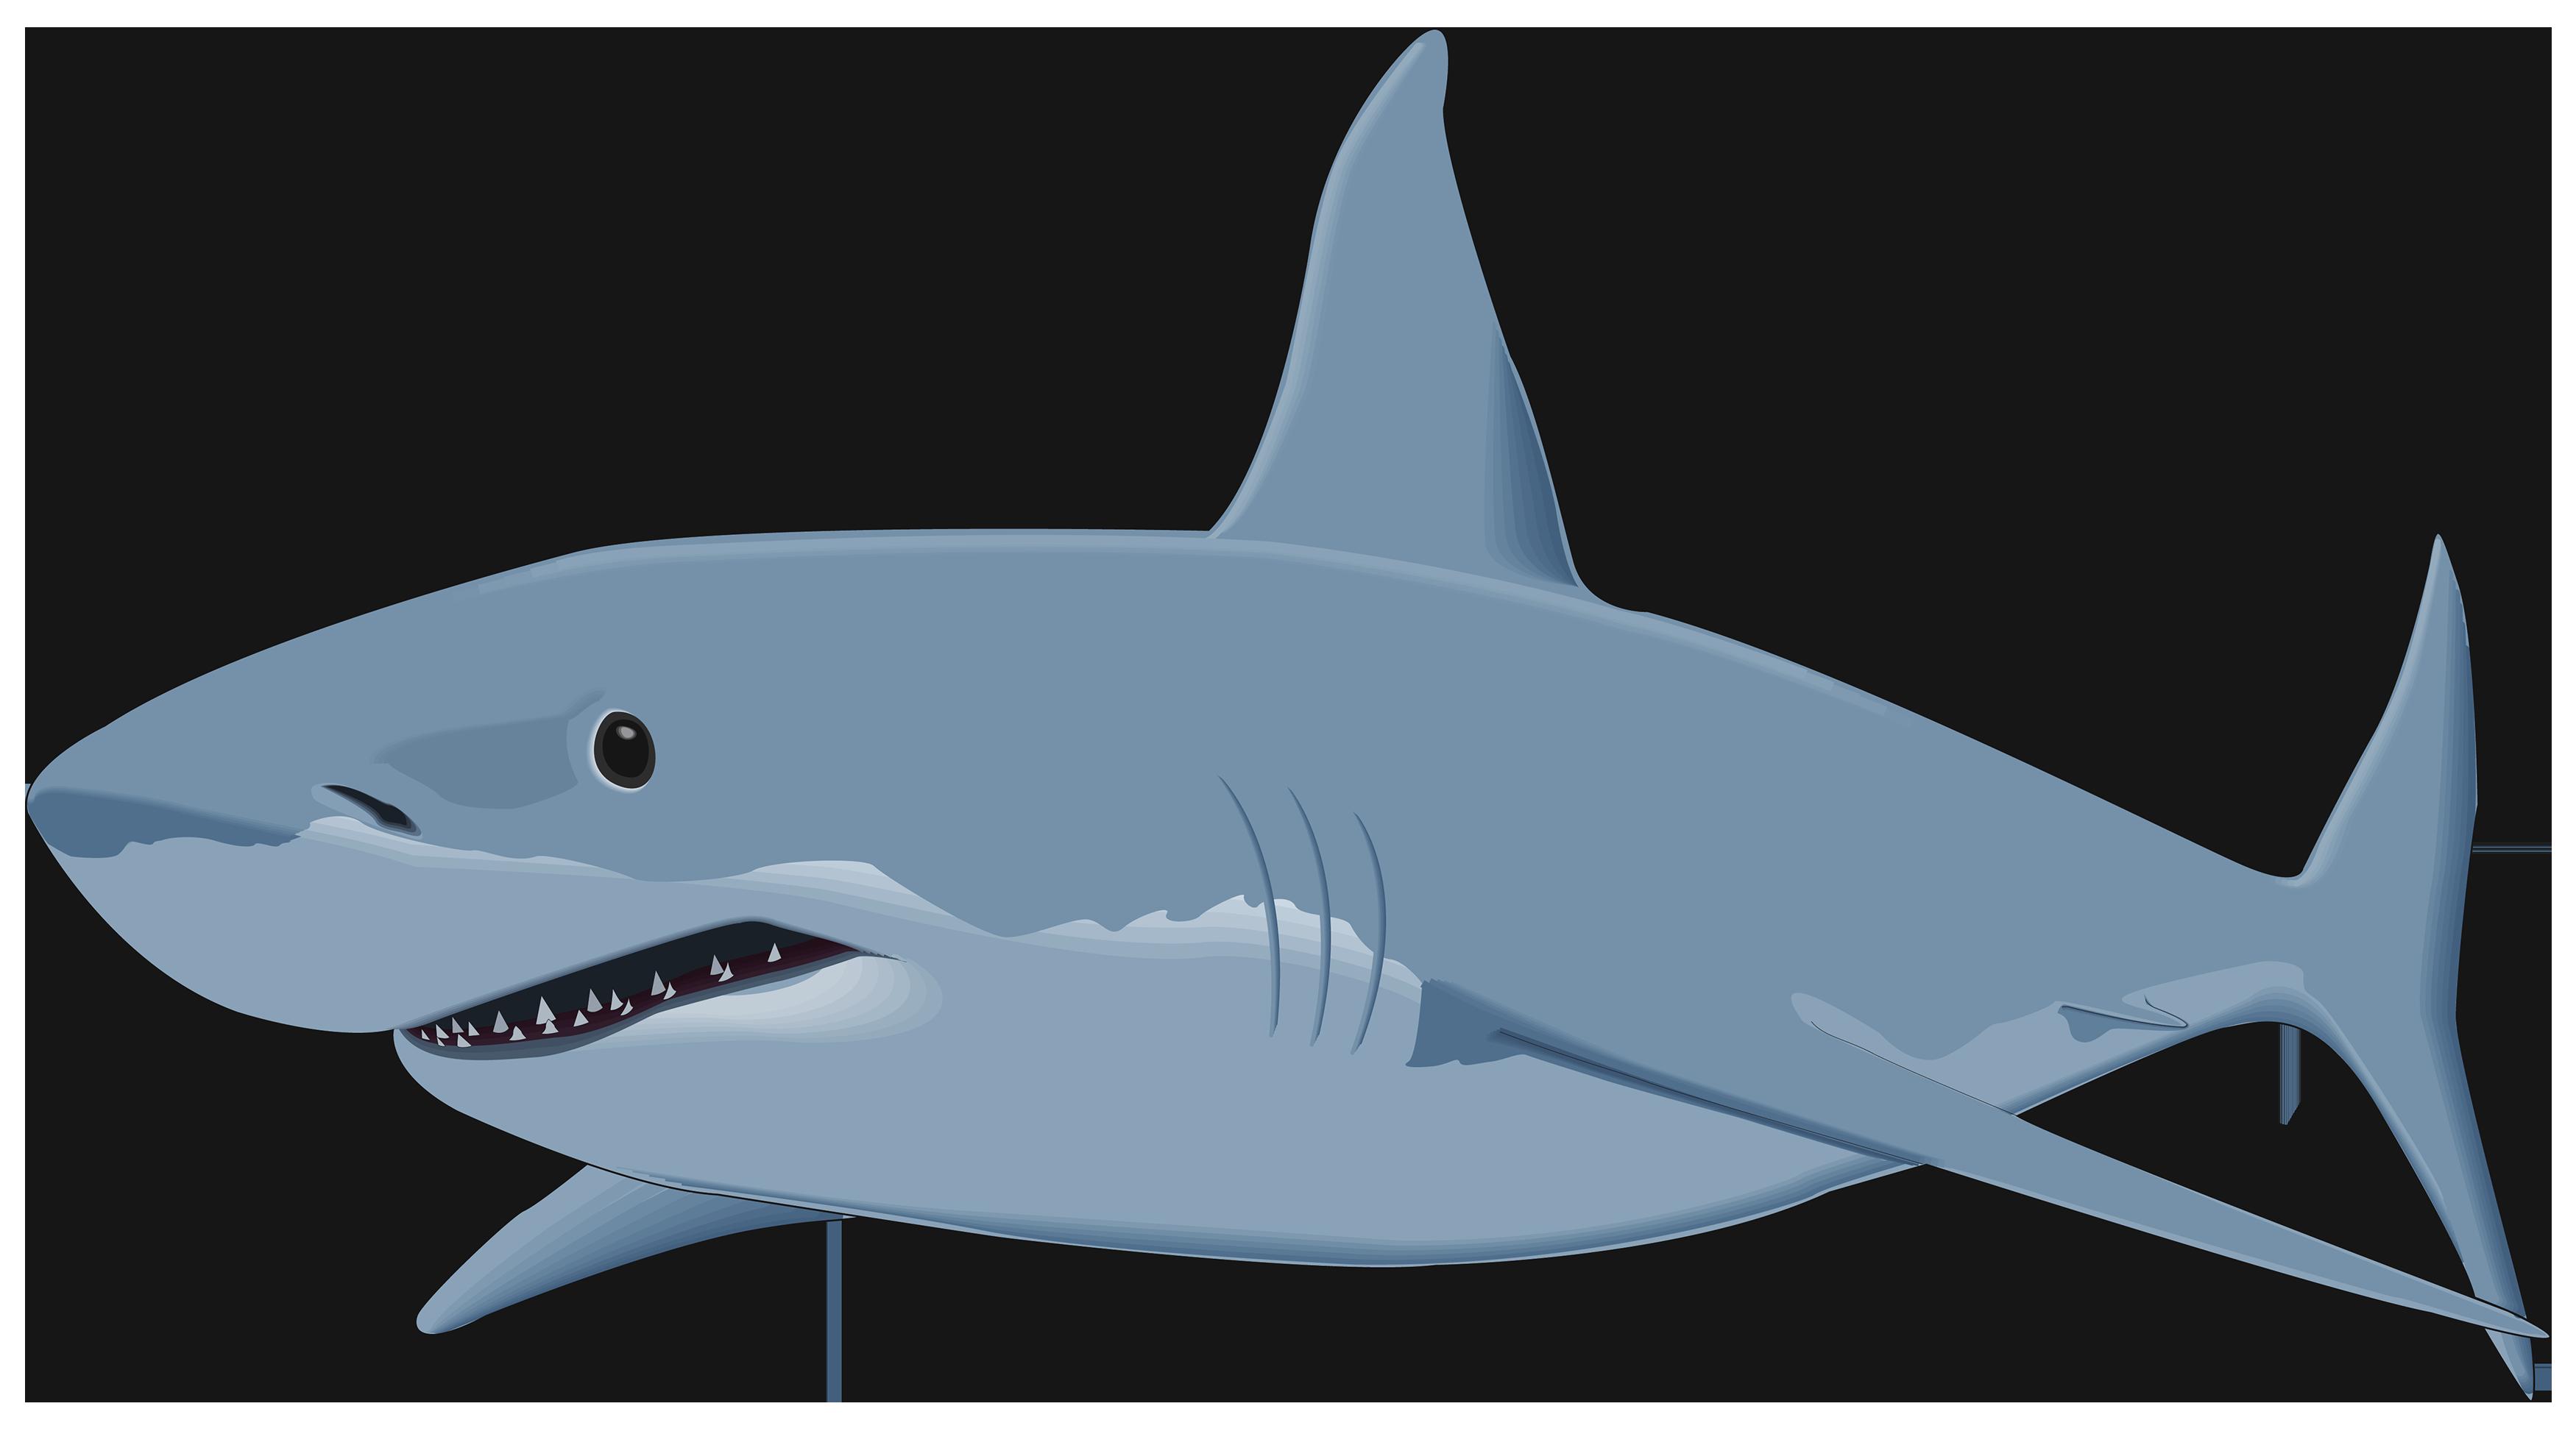 svg Shark png image best. Sharks clipart.